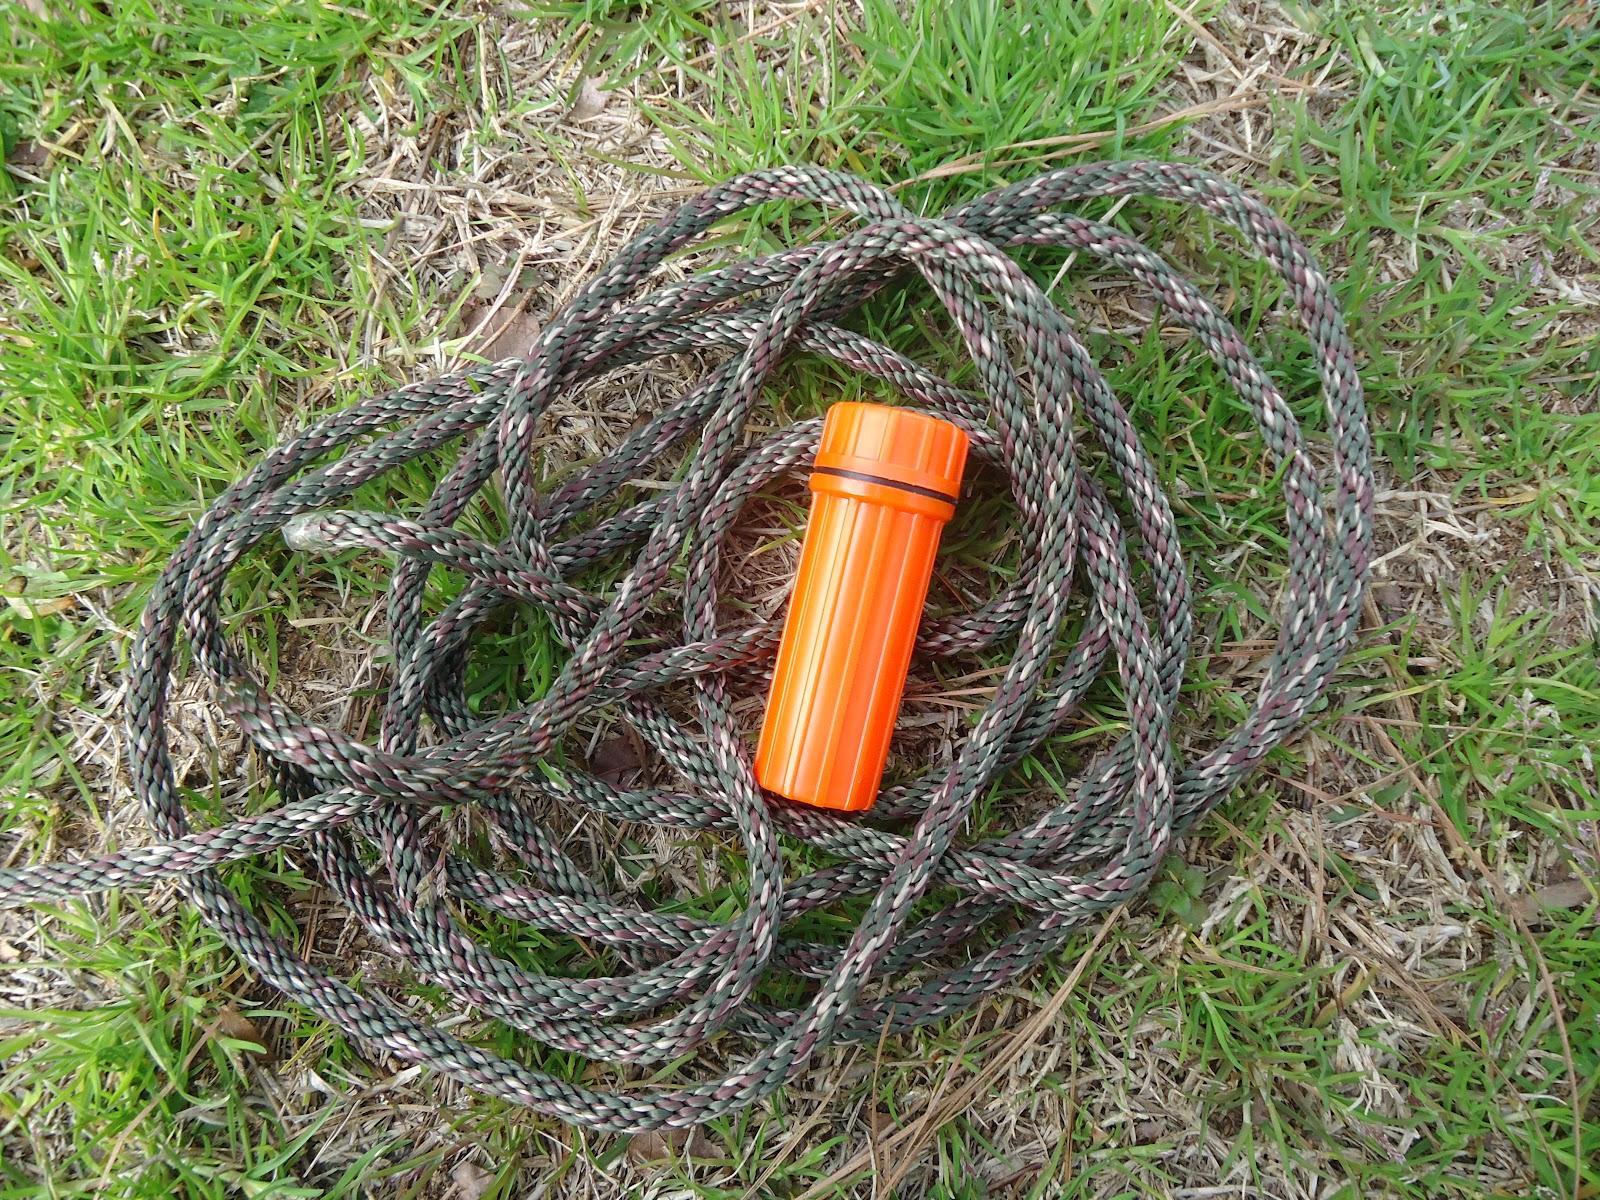 Black Scout Survival Hardcase Survival Compact Fire Kit